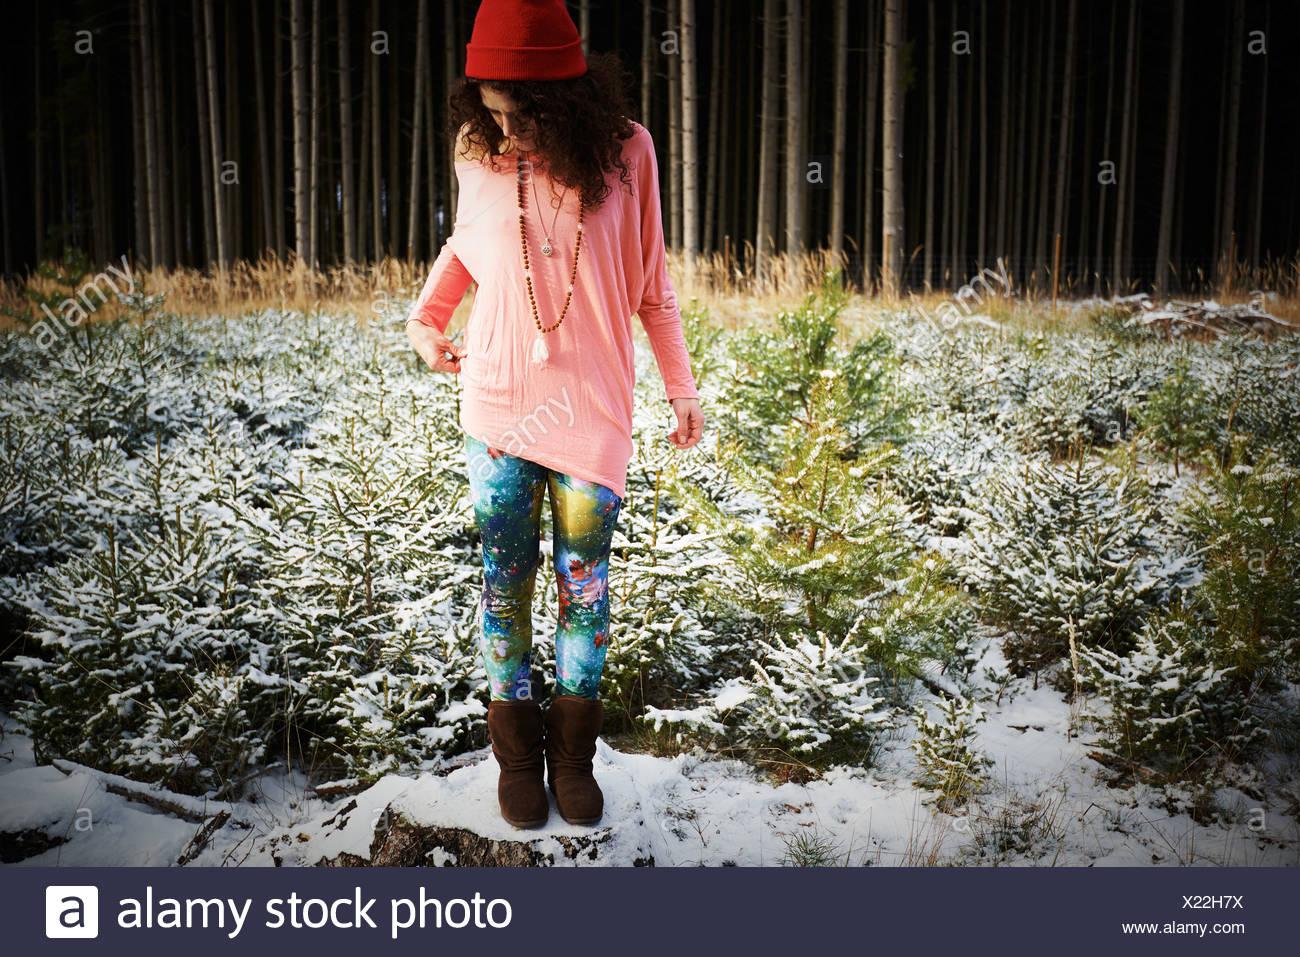 Mitte Erwachsene Frau mit Hut, auf schneebedeckten Boden stehend Stockbild